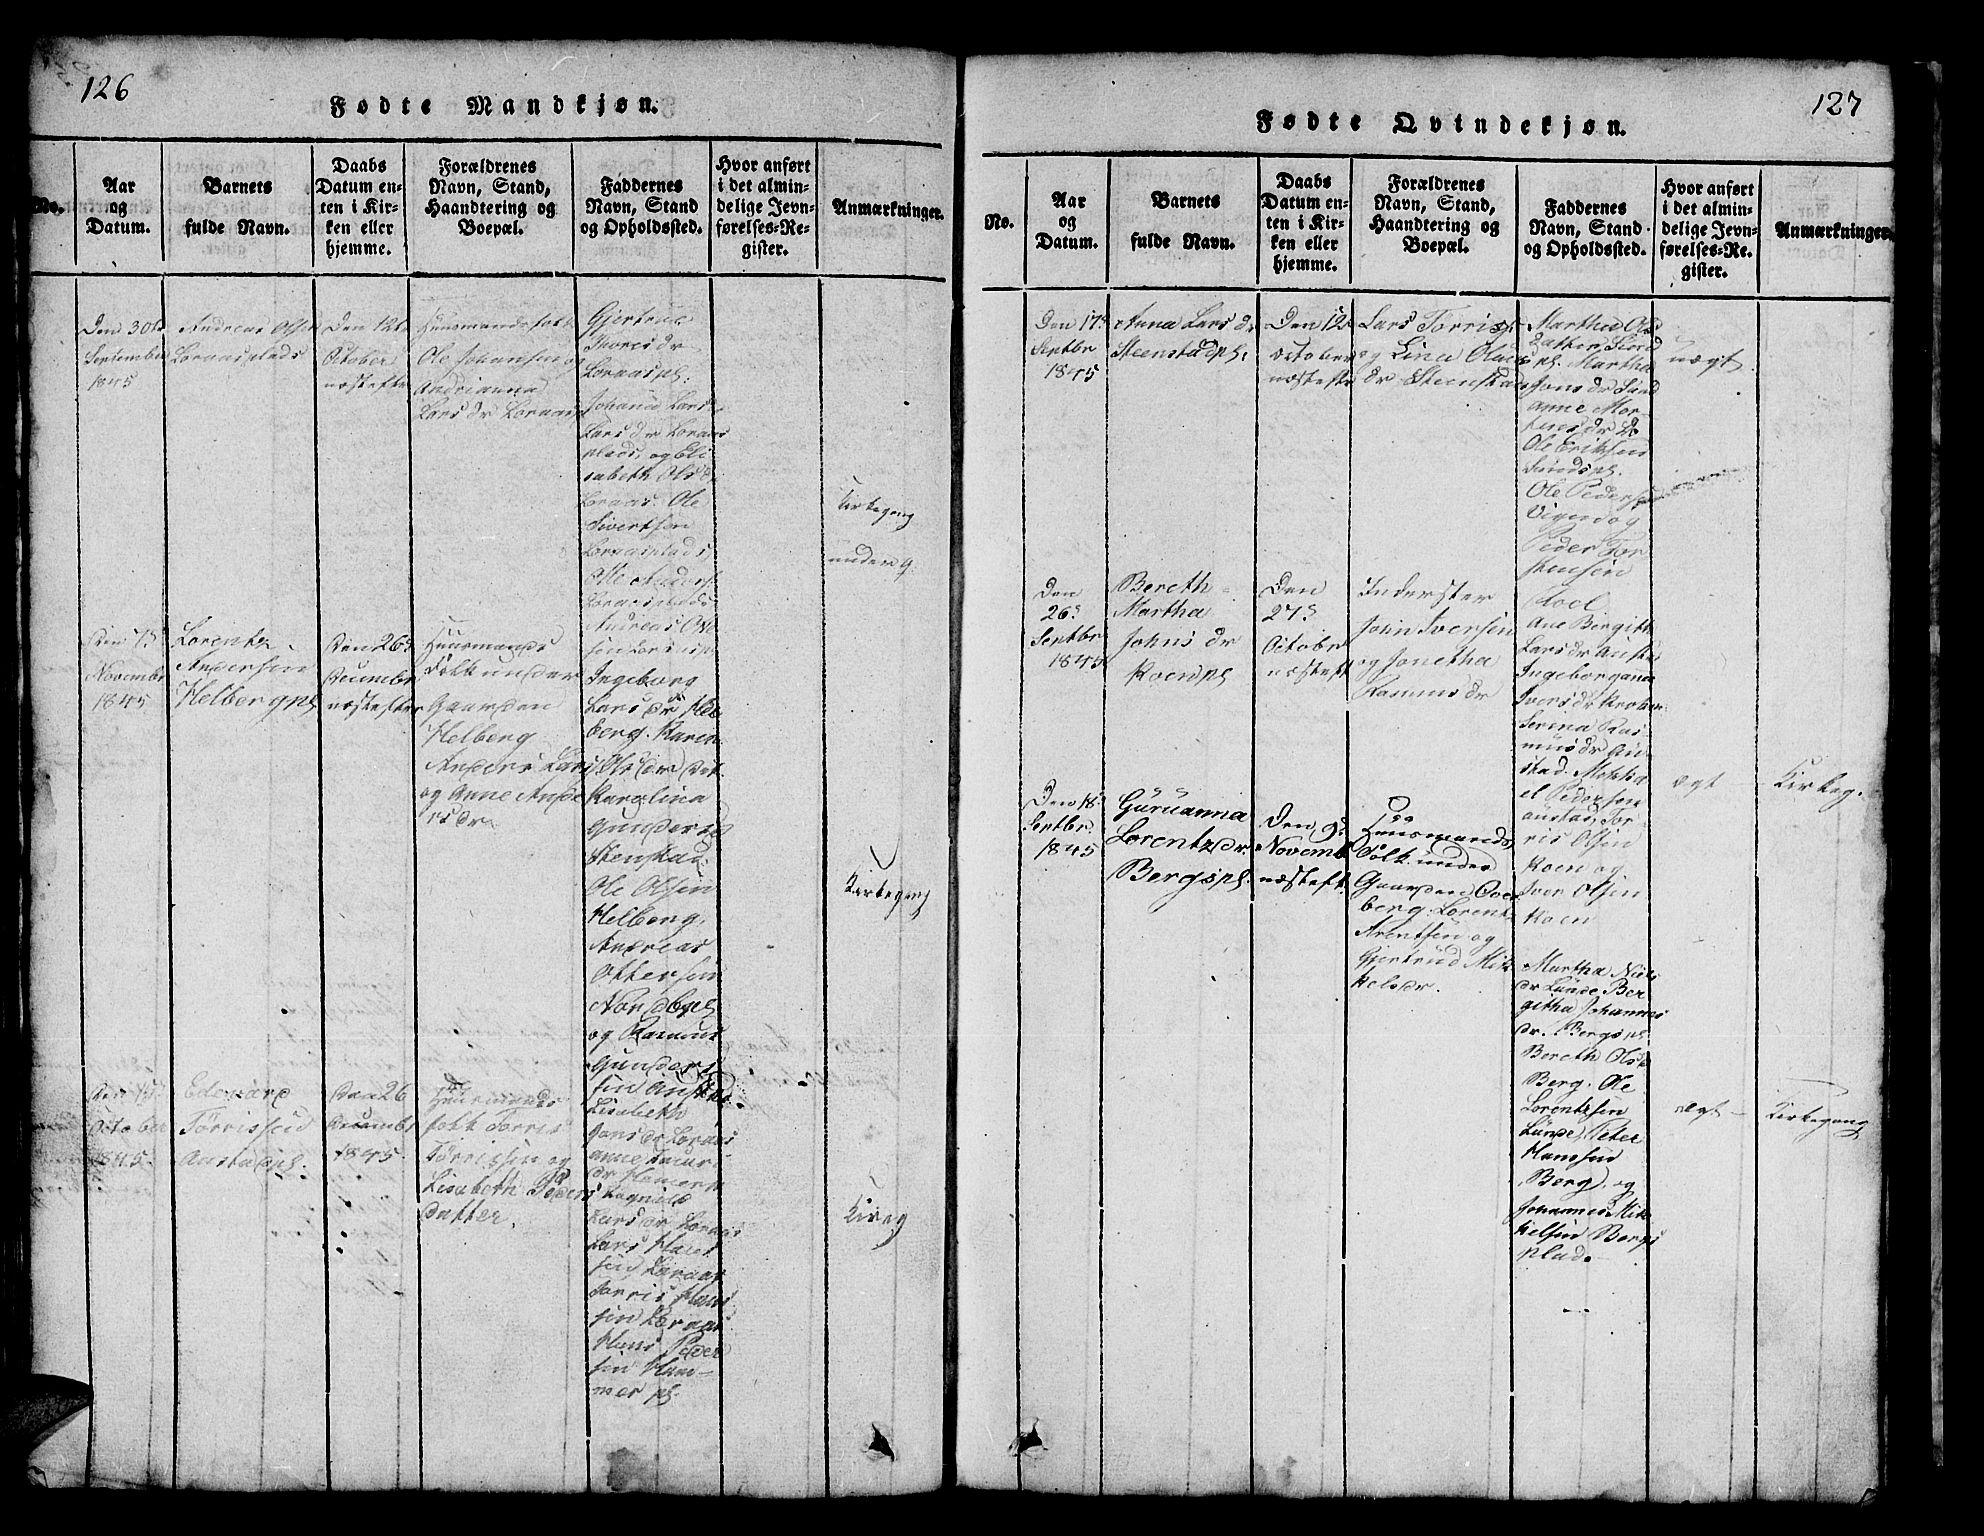 SAT, Ministerialprotokoller, klokkerbøker og fødselsregistre - Nord-Trøndelag, 731/L0310: Klokkerbok nr. 731C01, 1816-1874, s. 126-127